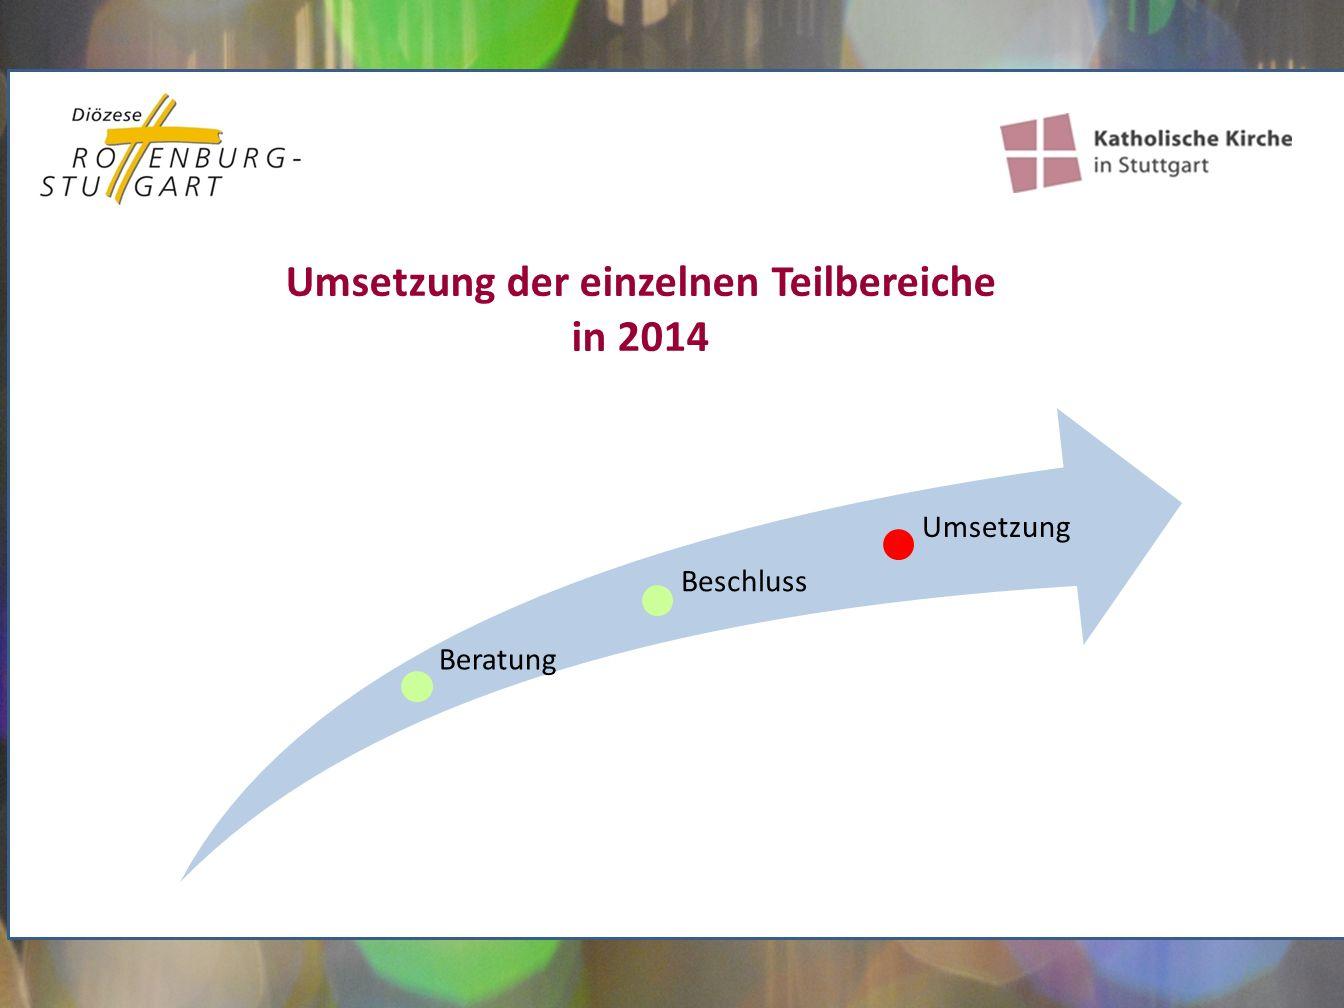 Umsetzung der einzelnen Teilbereiche in 2014 Umsetzung Beratung Beschluss